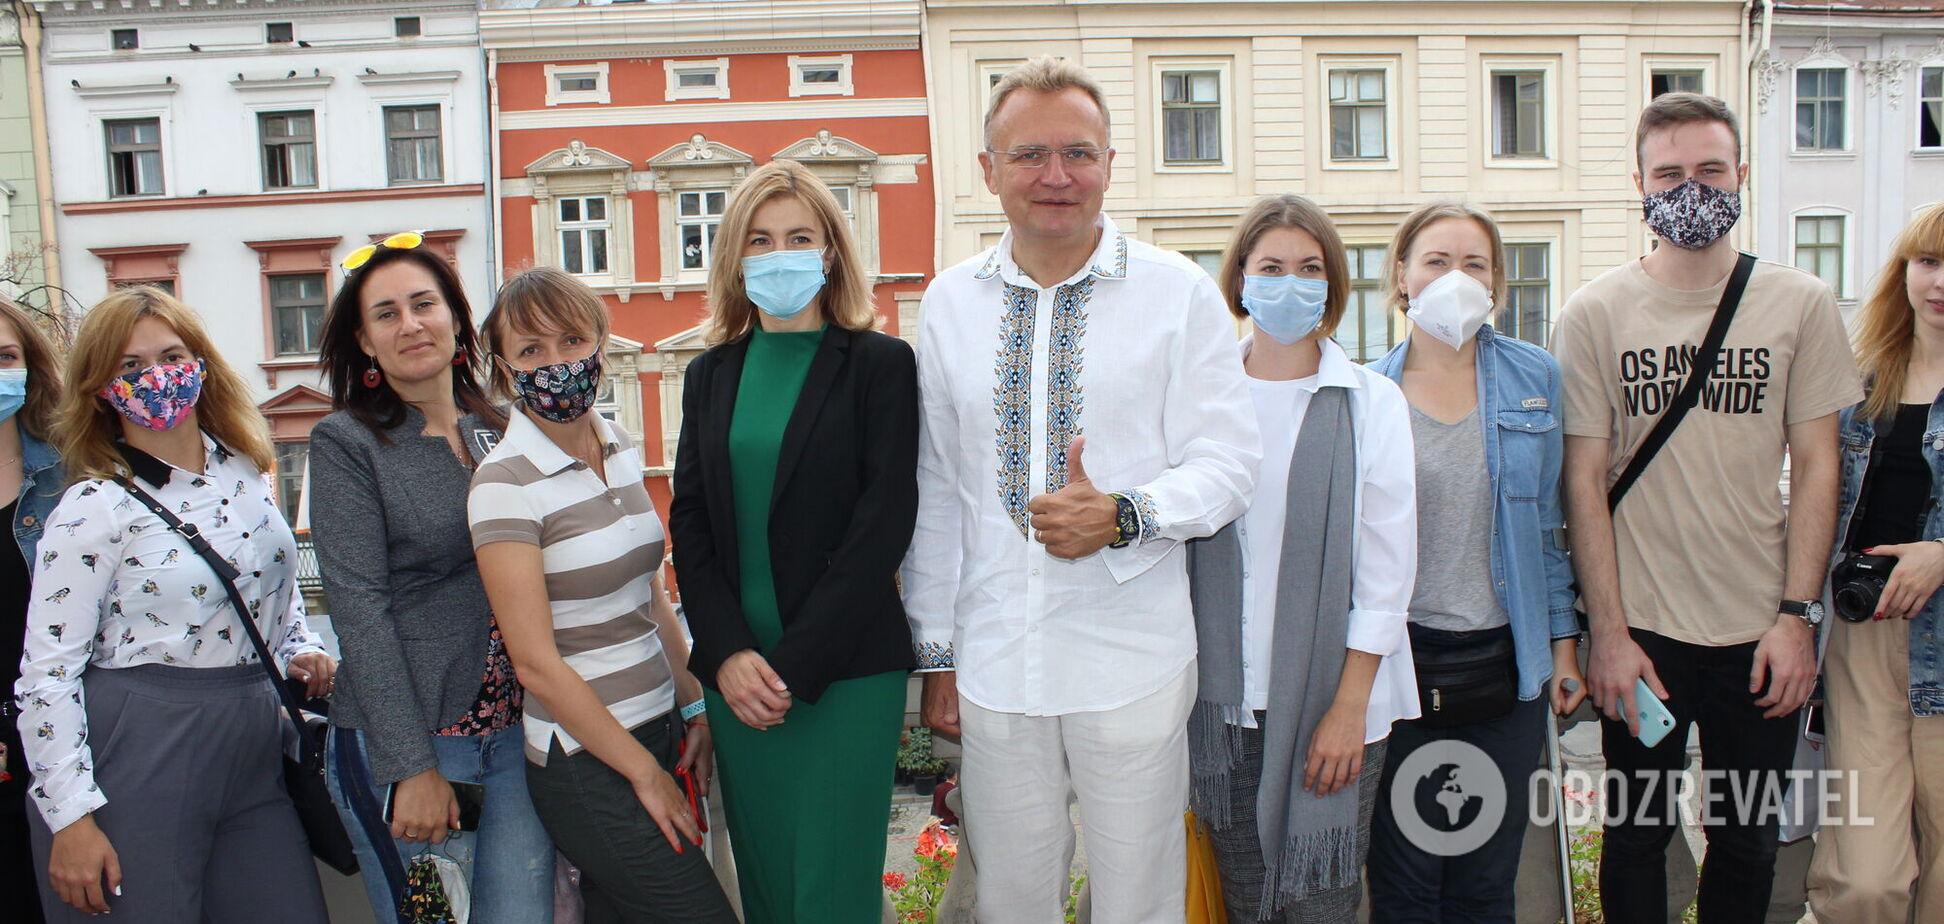 Львів наслідує Швецію в боротьбі з коронавірусом, – Садовий